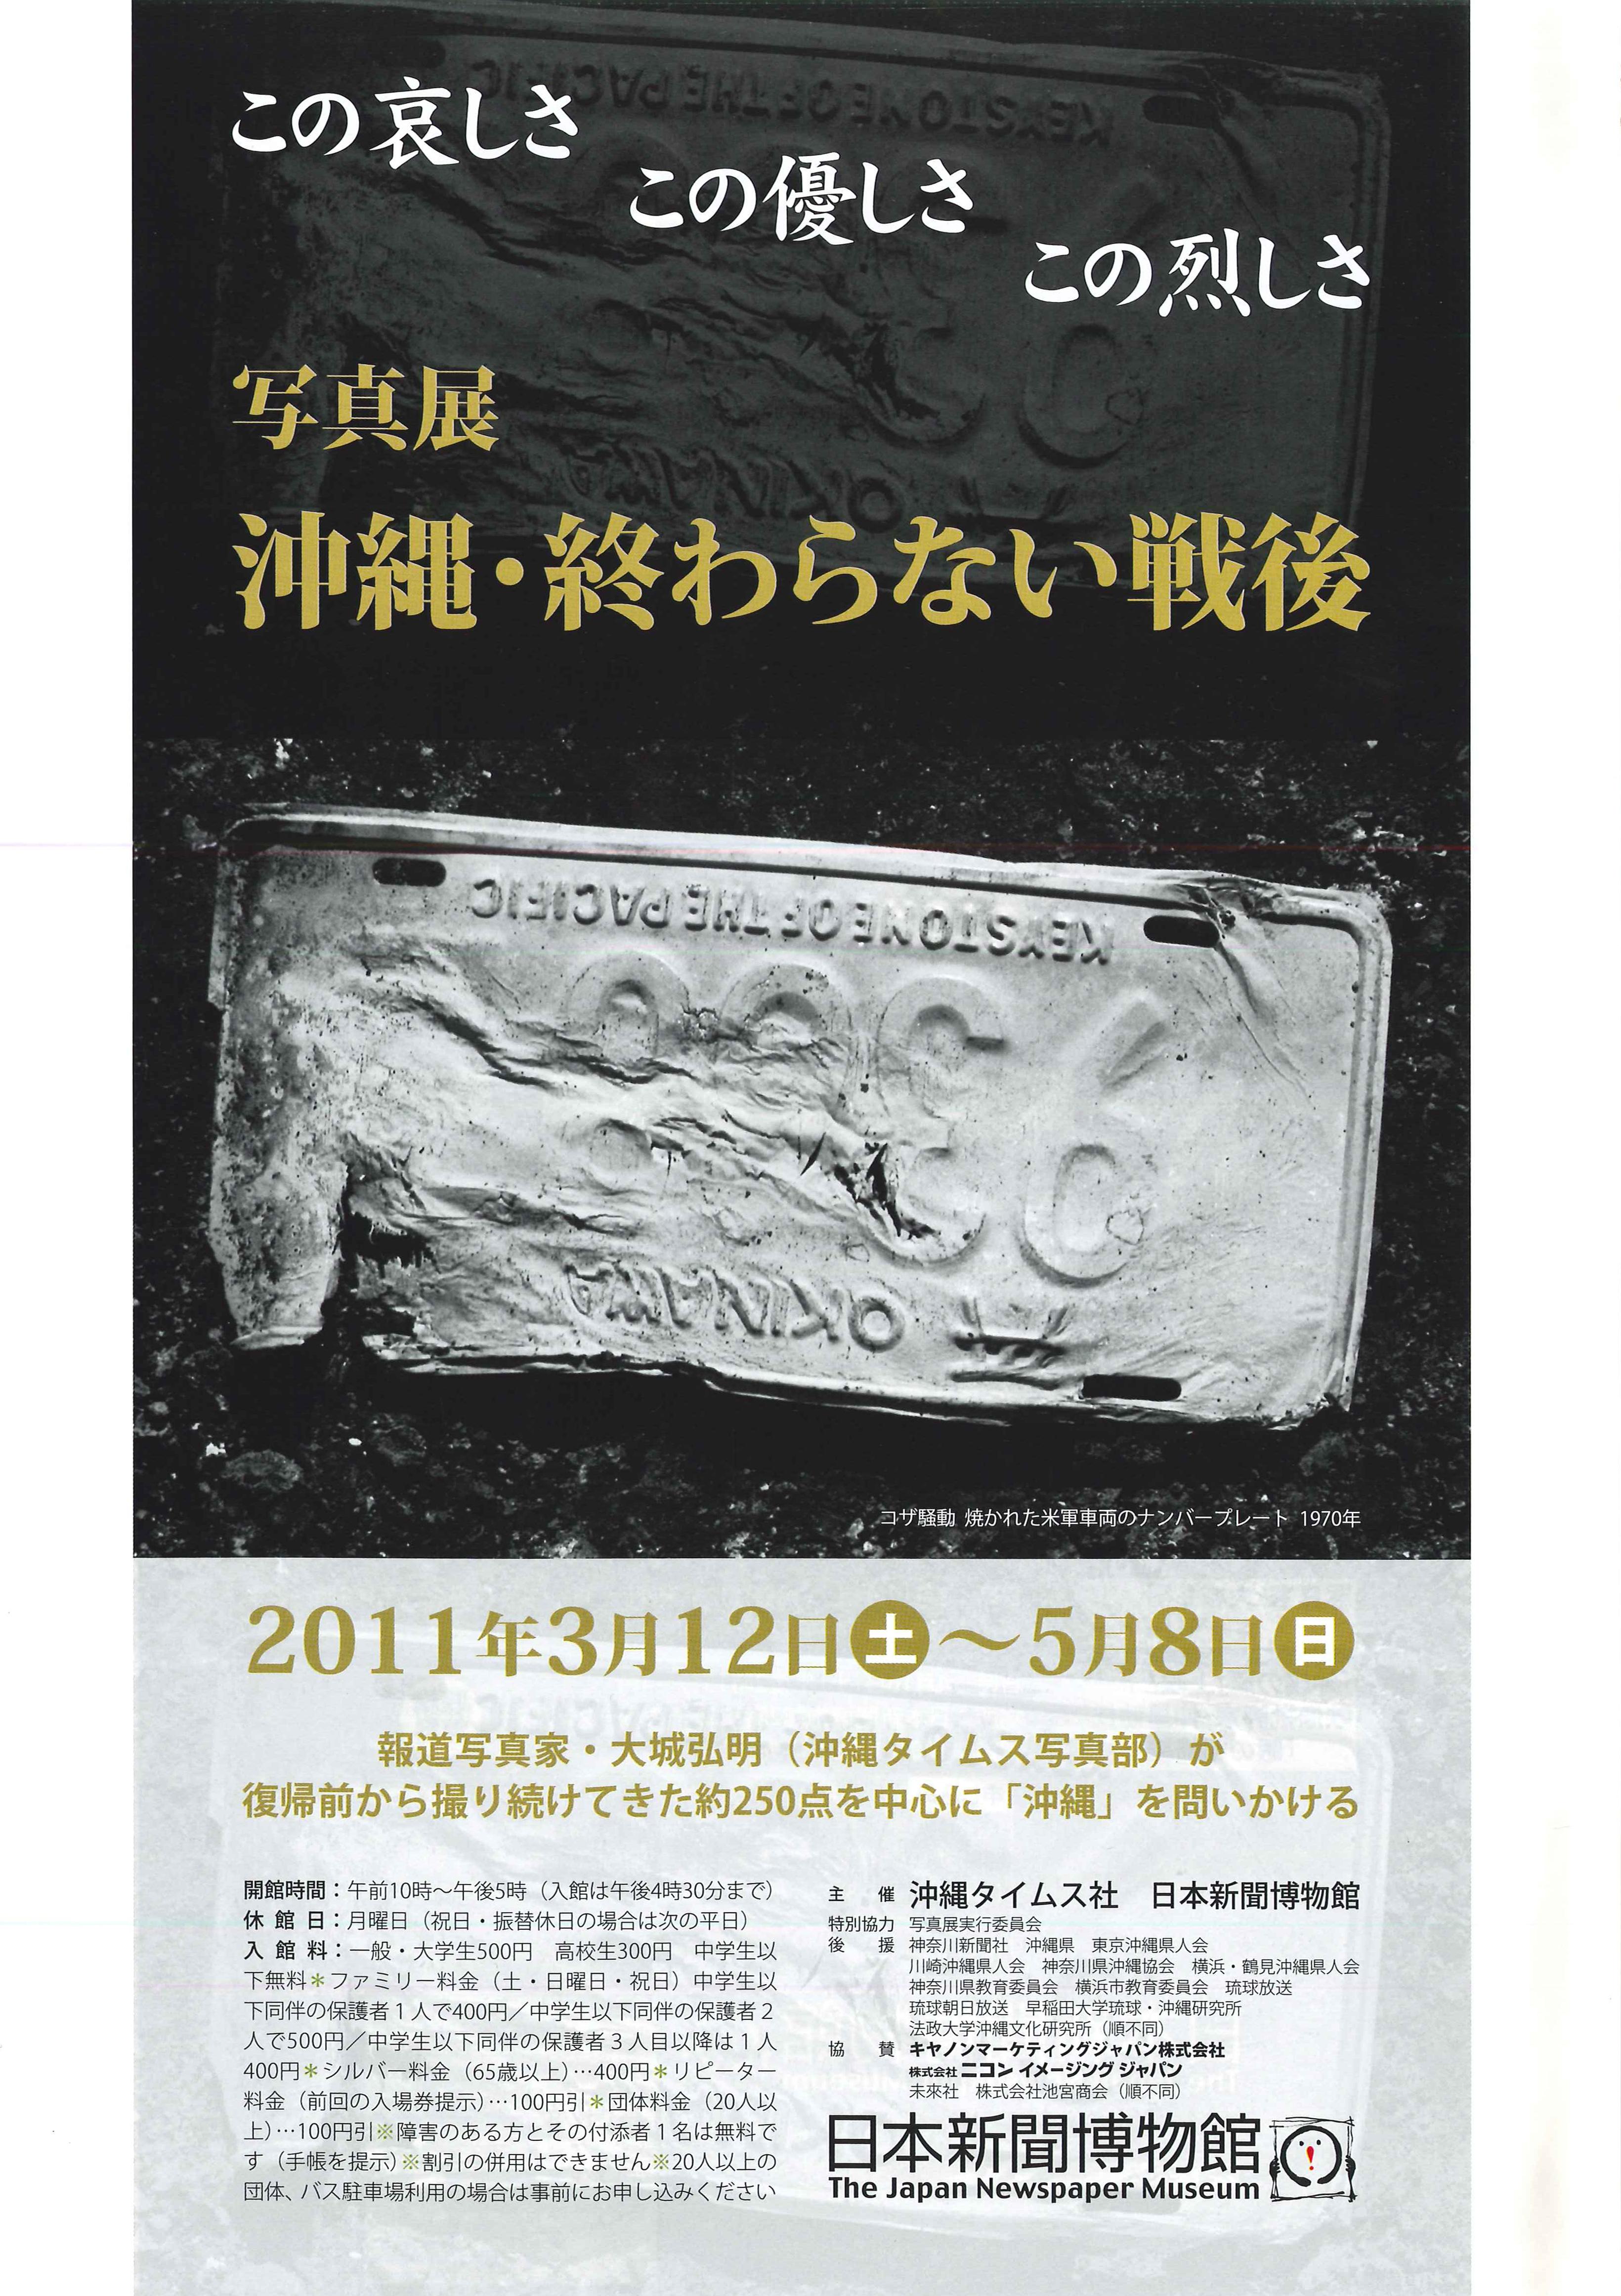 http://www.miraisha.co.jp/topics/2011/20110223174514298_0001.jpg